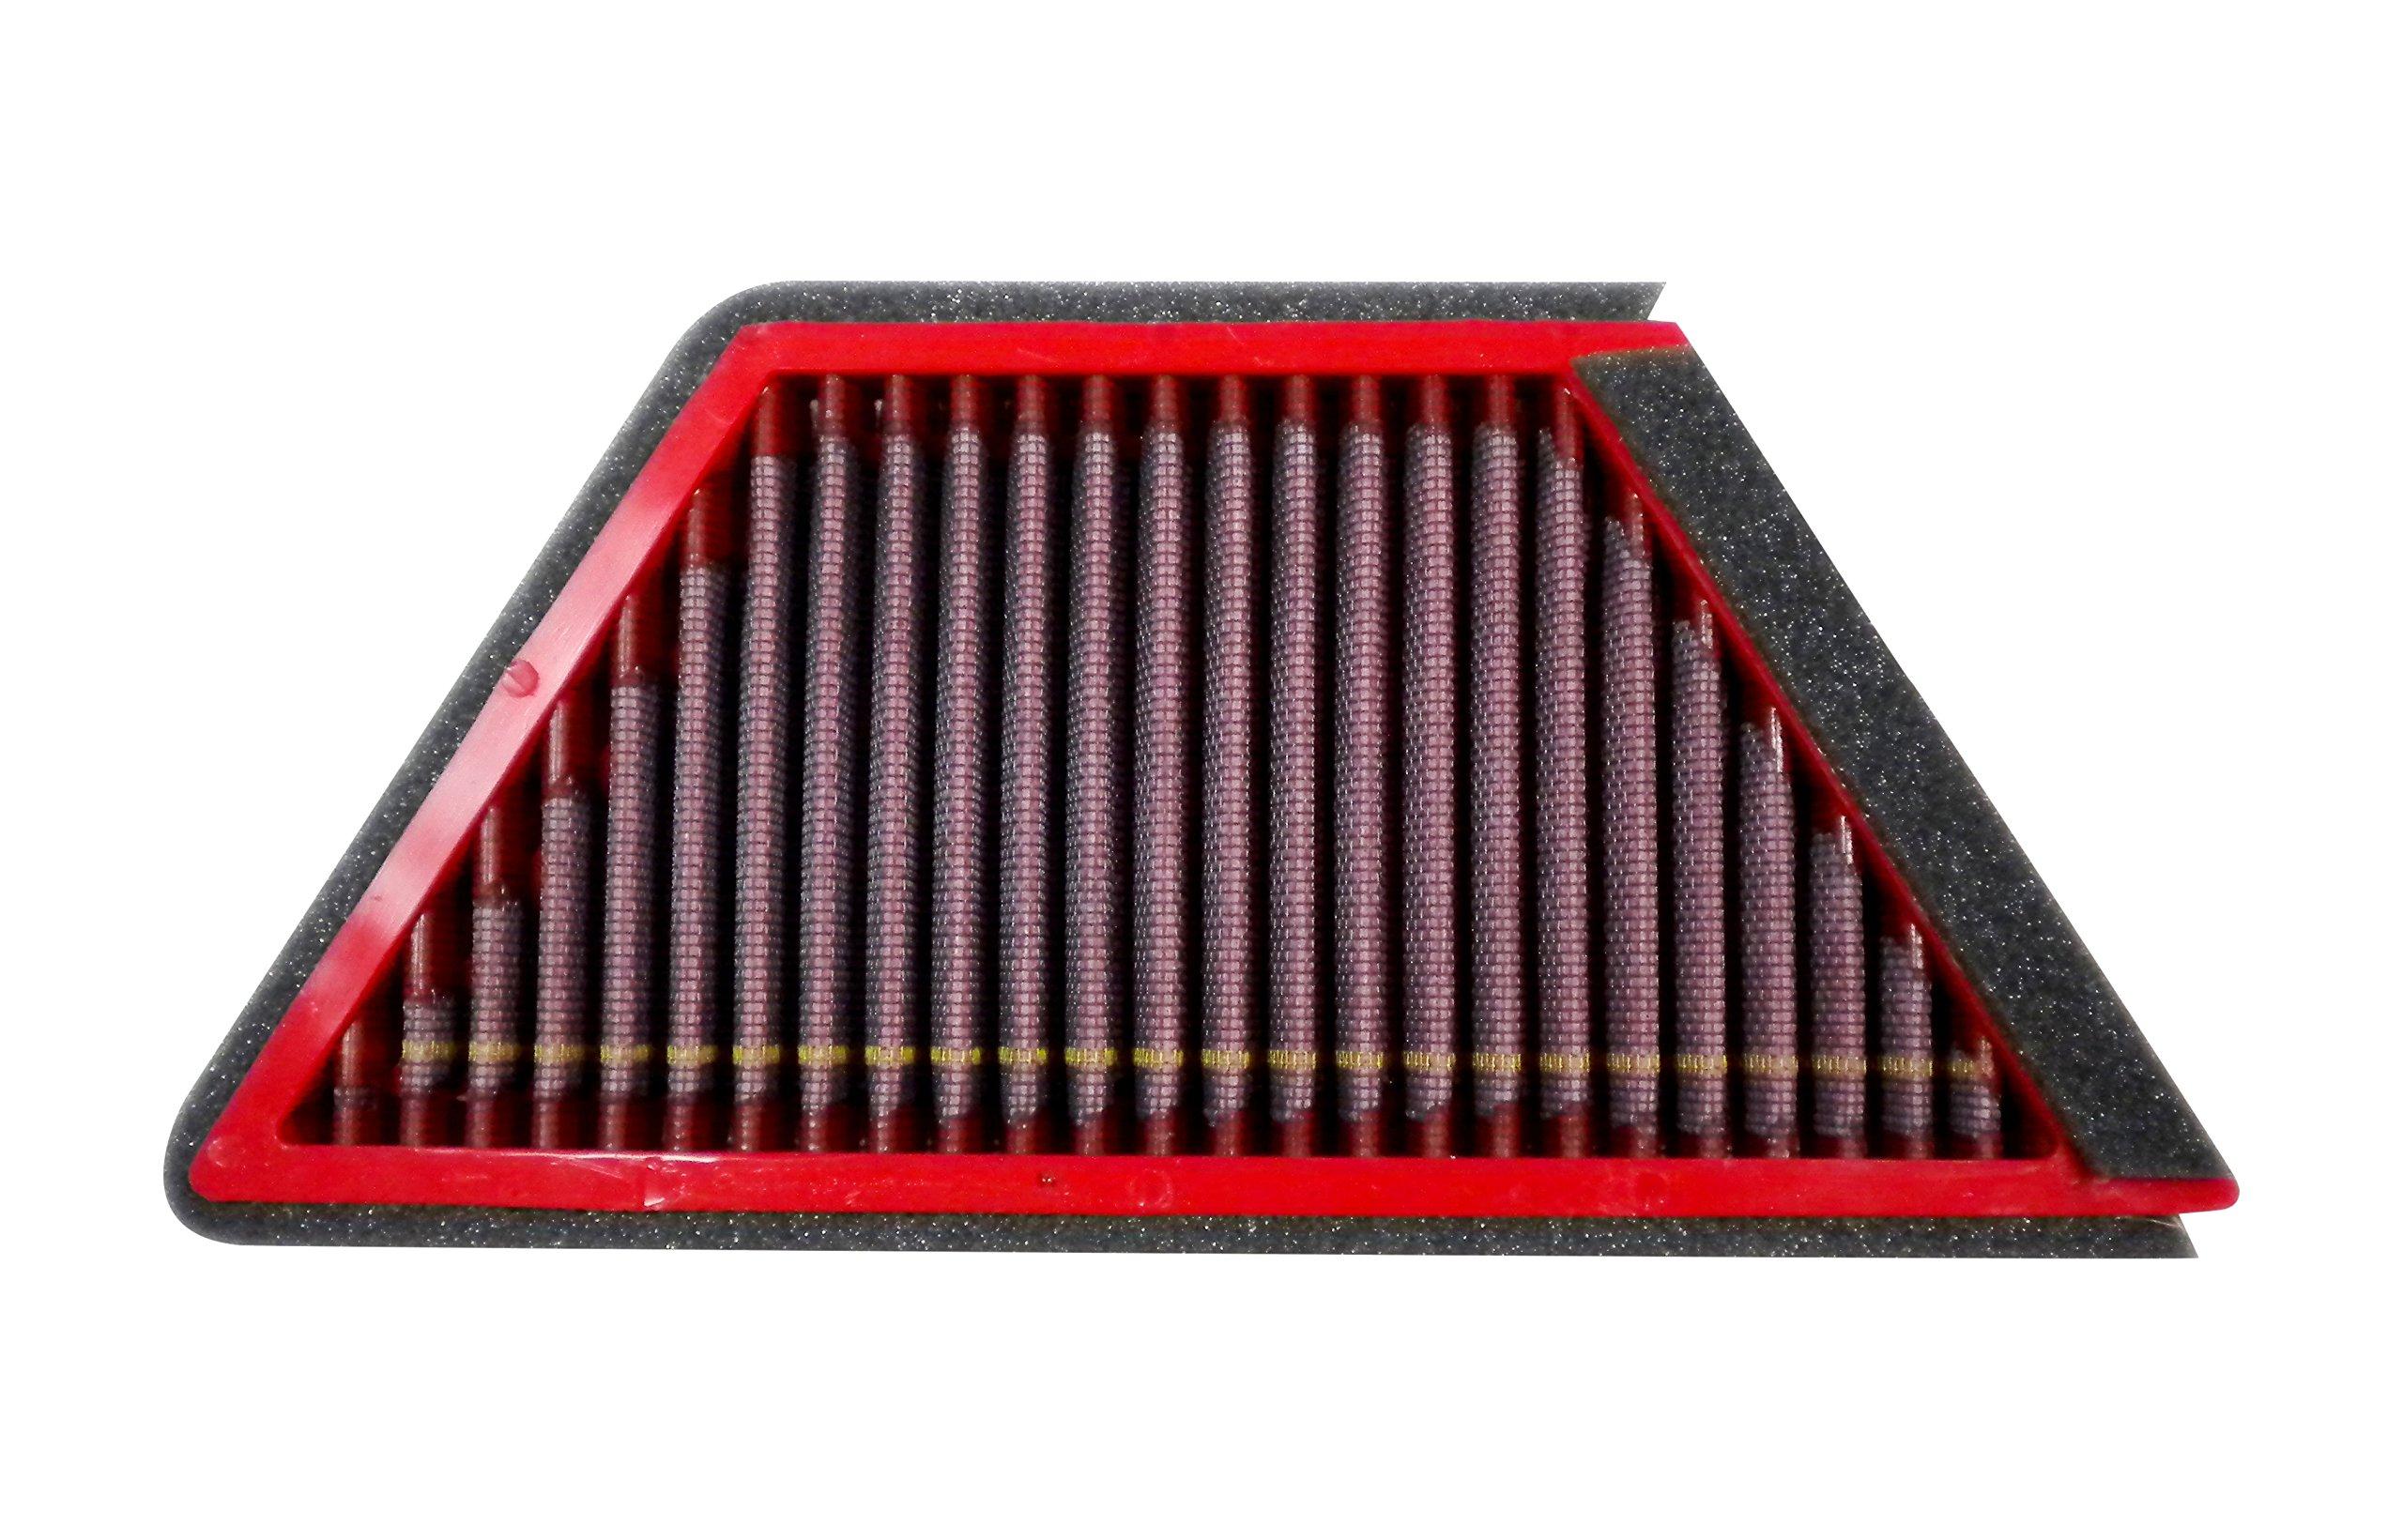 BMC FM466 / 04RACE Race Replacement Air Filter, Multi-Colour